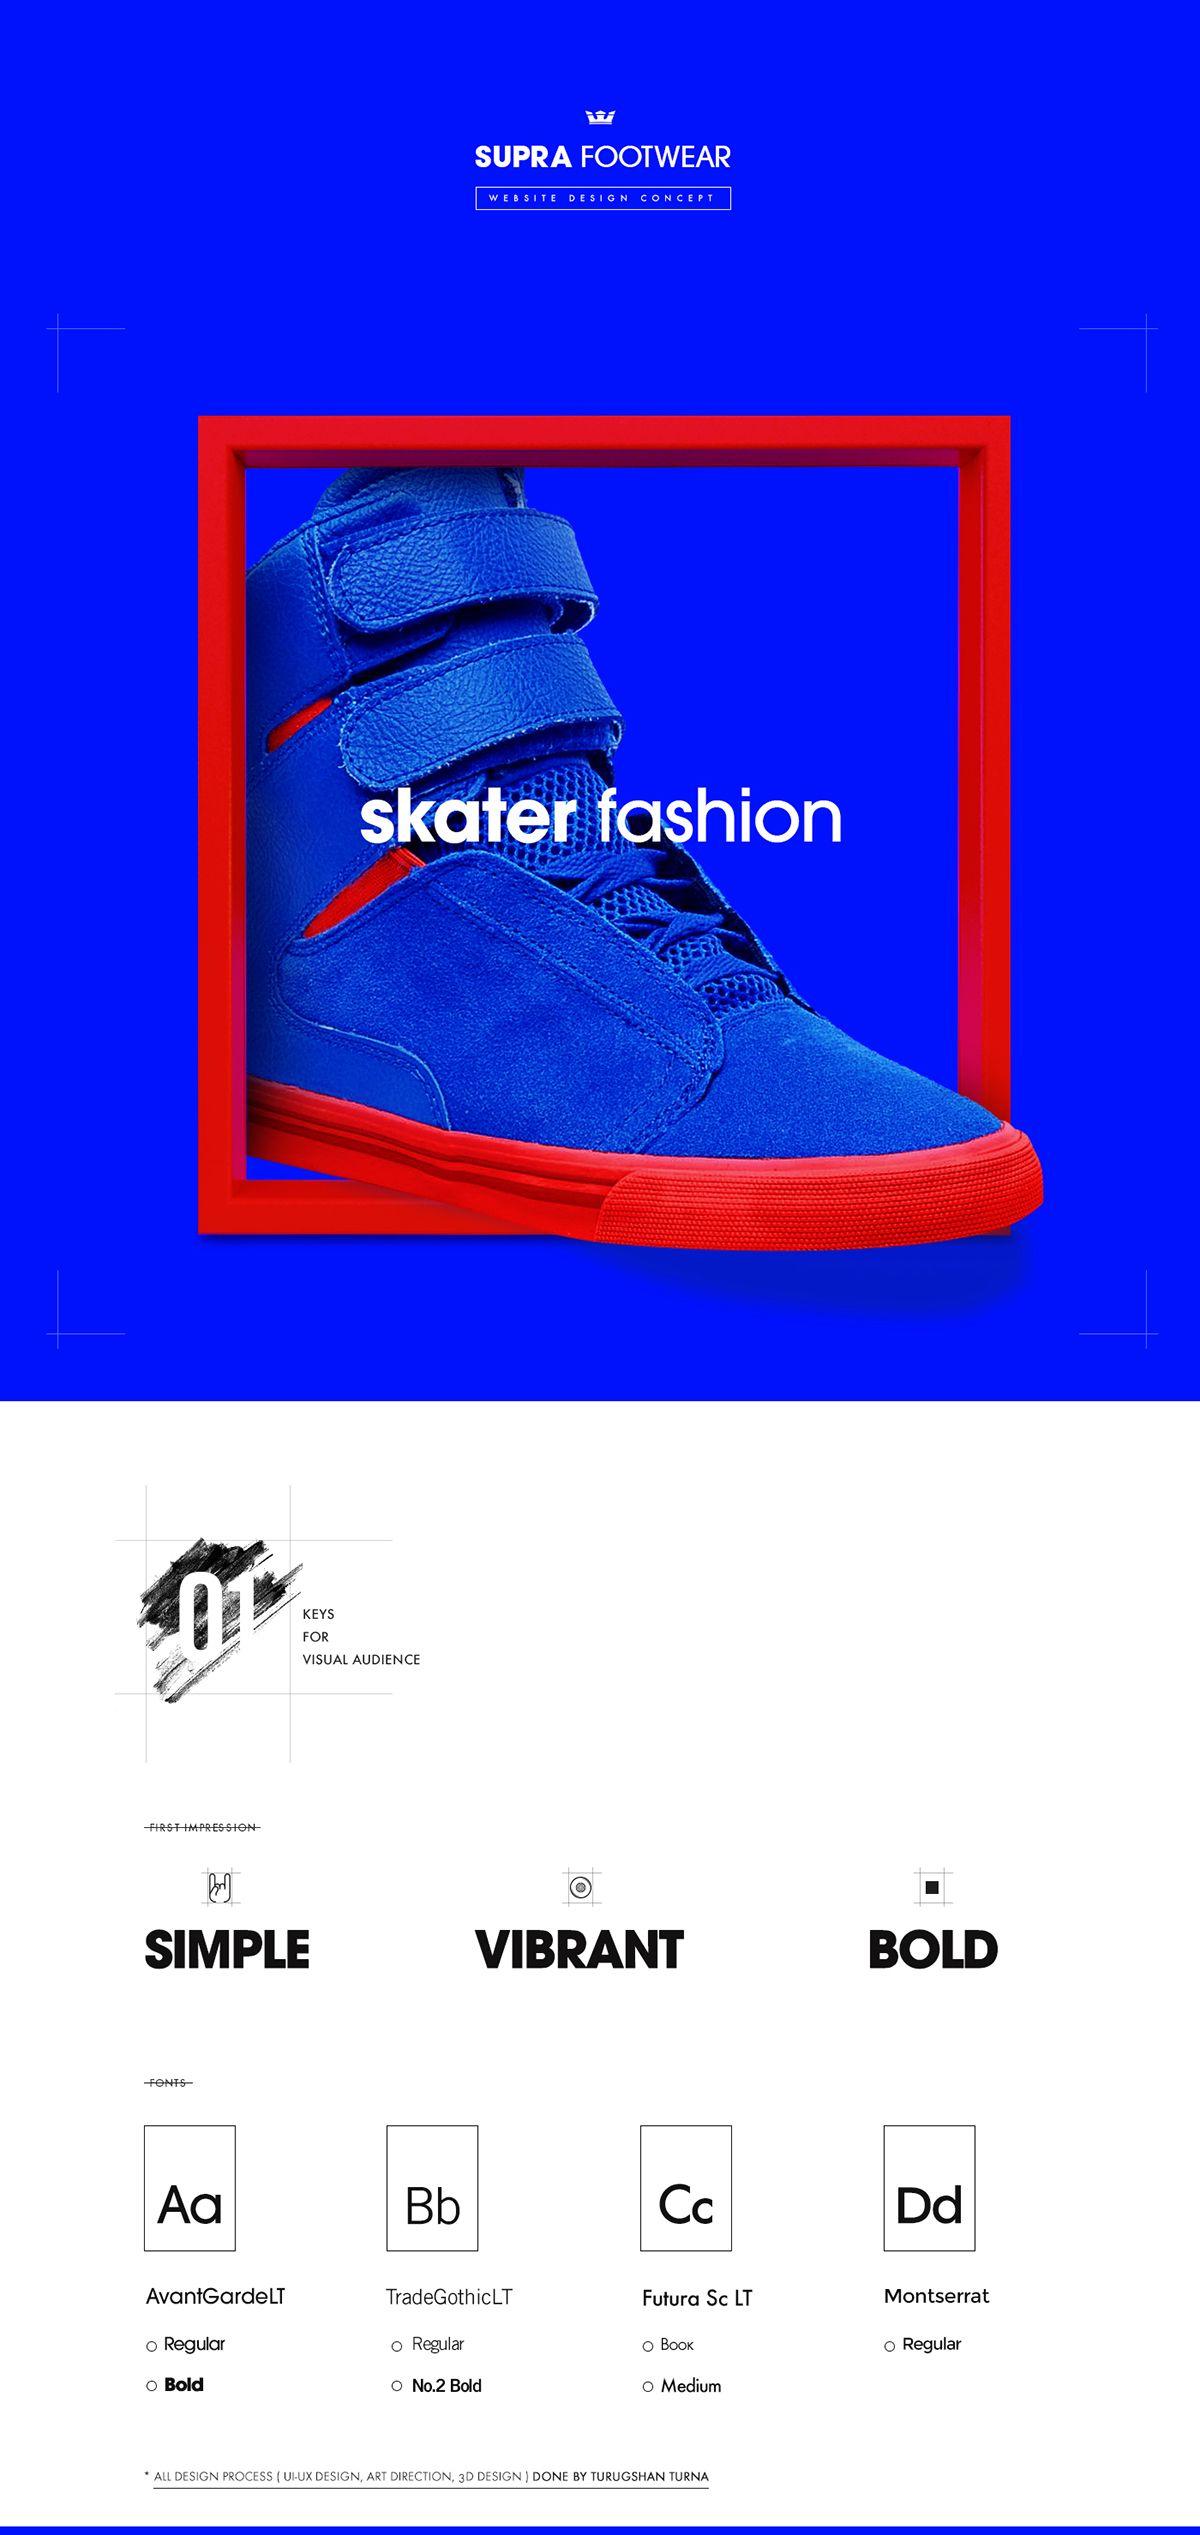 supra footwear jobs